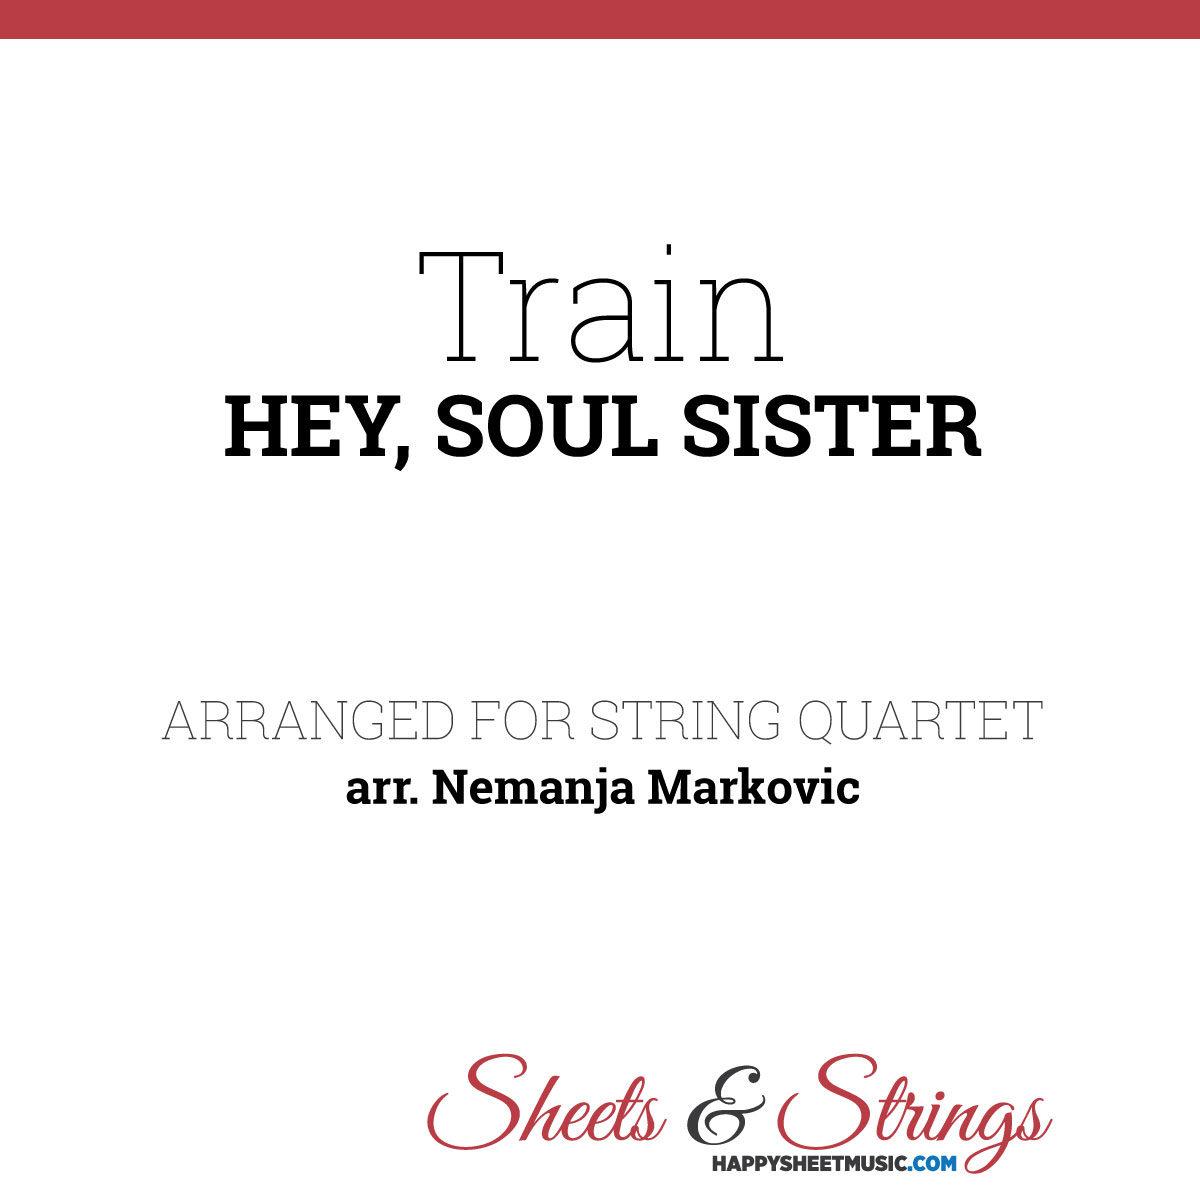 Train - Hey, Soul Sister - Sheet Music for String Quartet - Music Arrangement for String Quartet